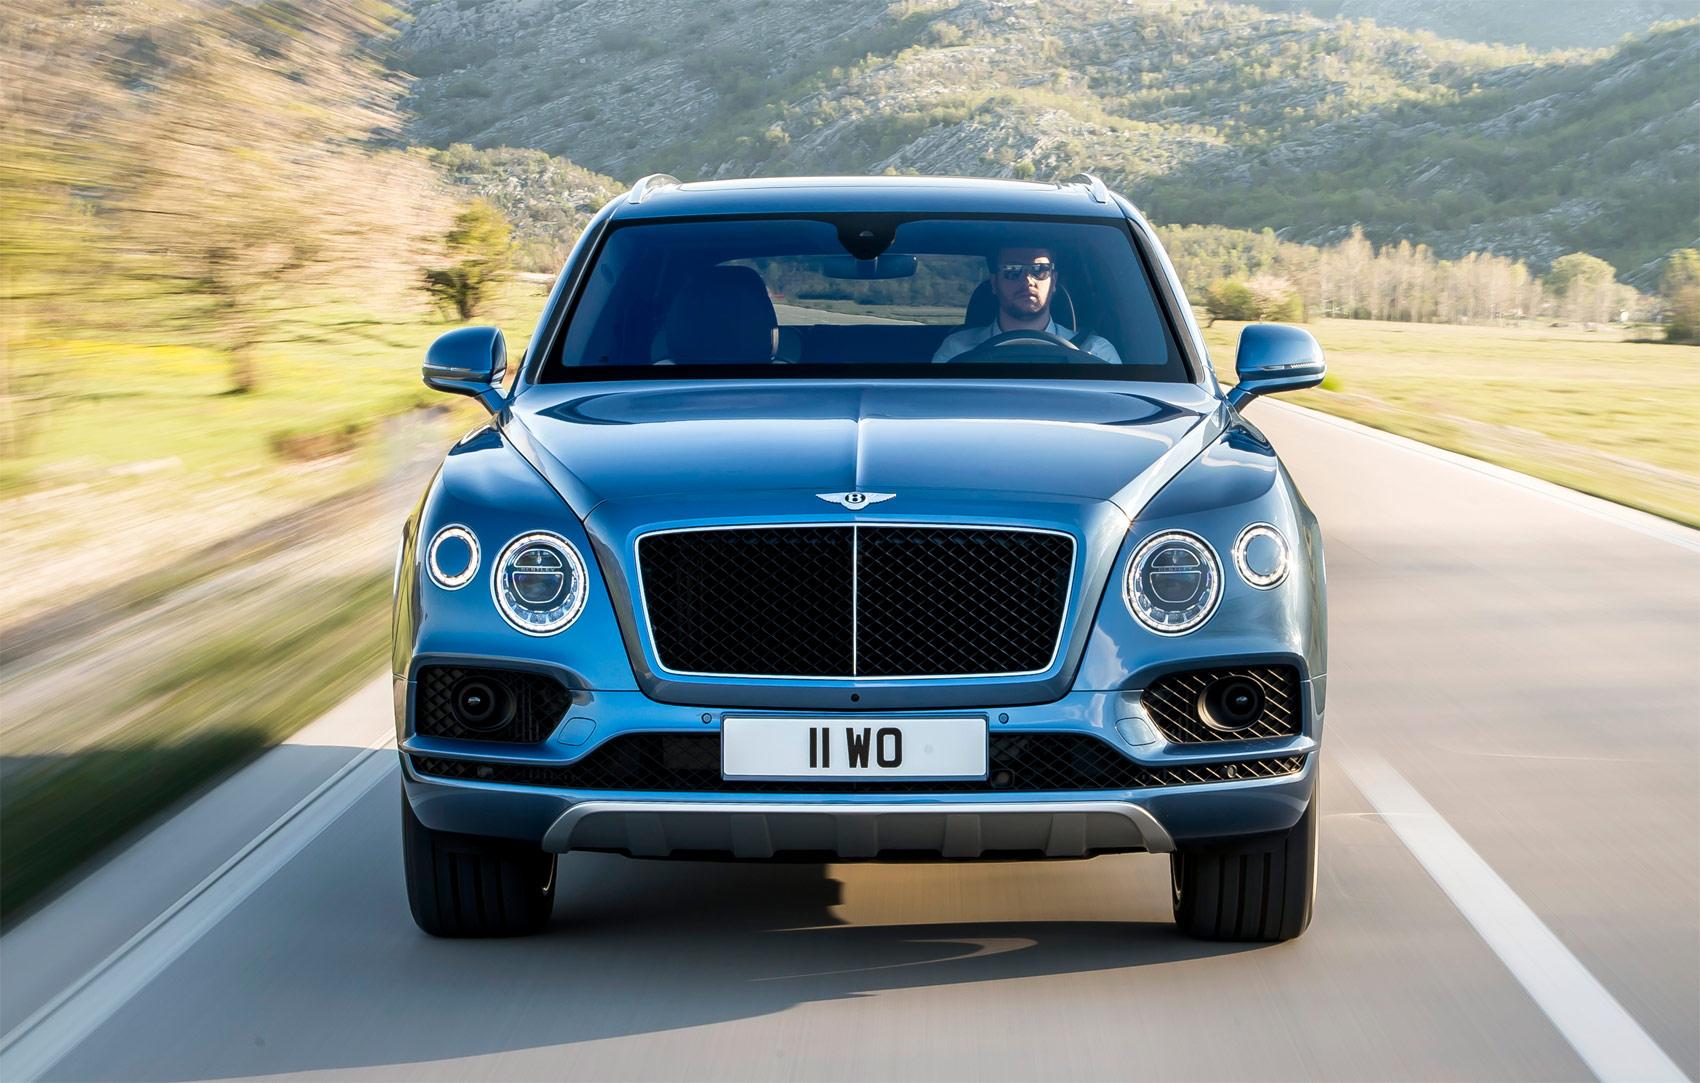 The Bentley Bentayga Diesel - Power, Refinement And Range